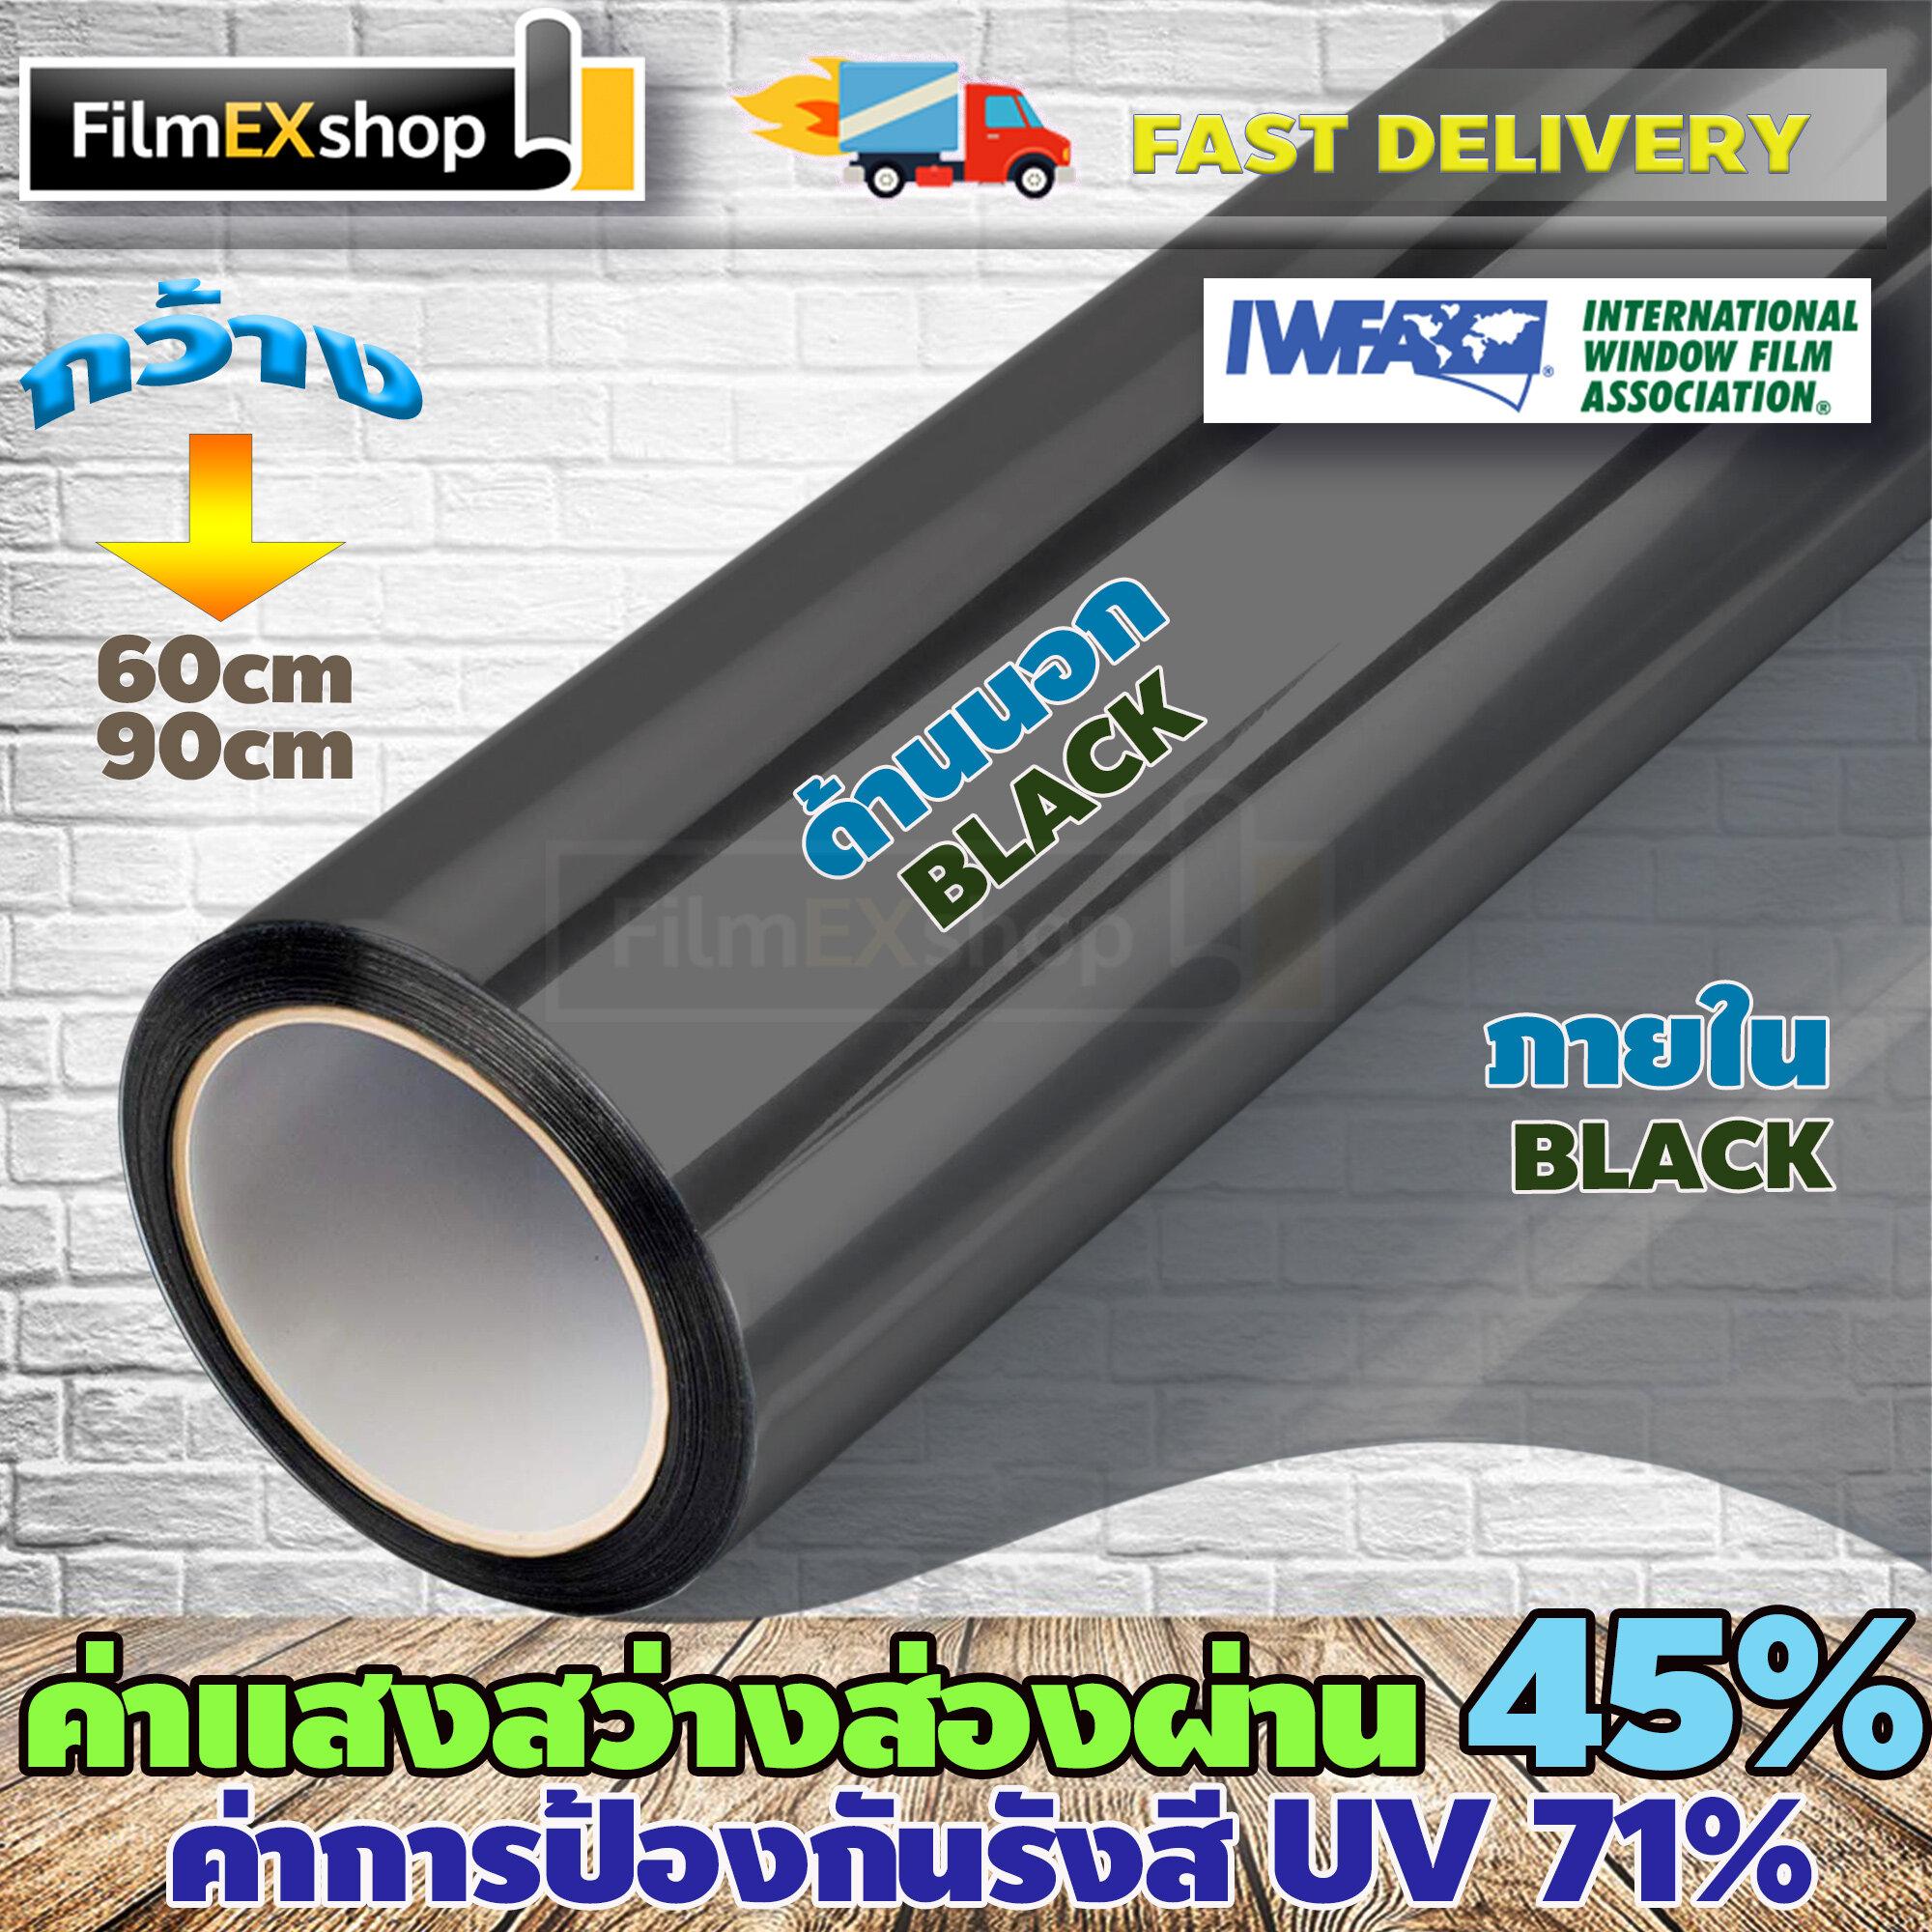 Black 45%  ฟิล์มอาคาร Window Film ฟิล์มคาร์บอน ฟิล์มกรองแสง หน้ากว้าง152cm,90cm,60cm (ราคาต่อเมตร).